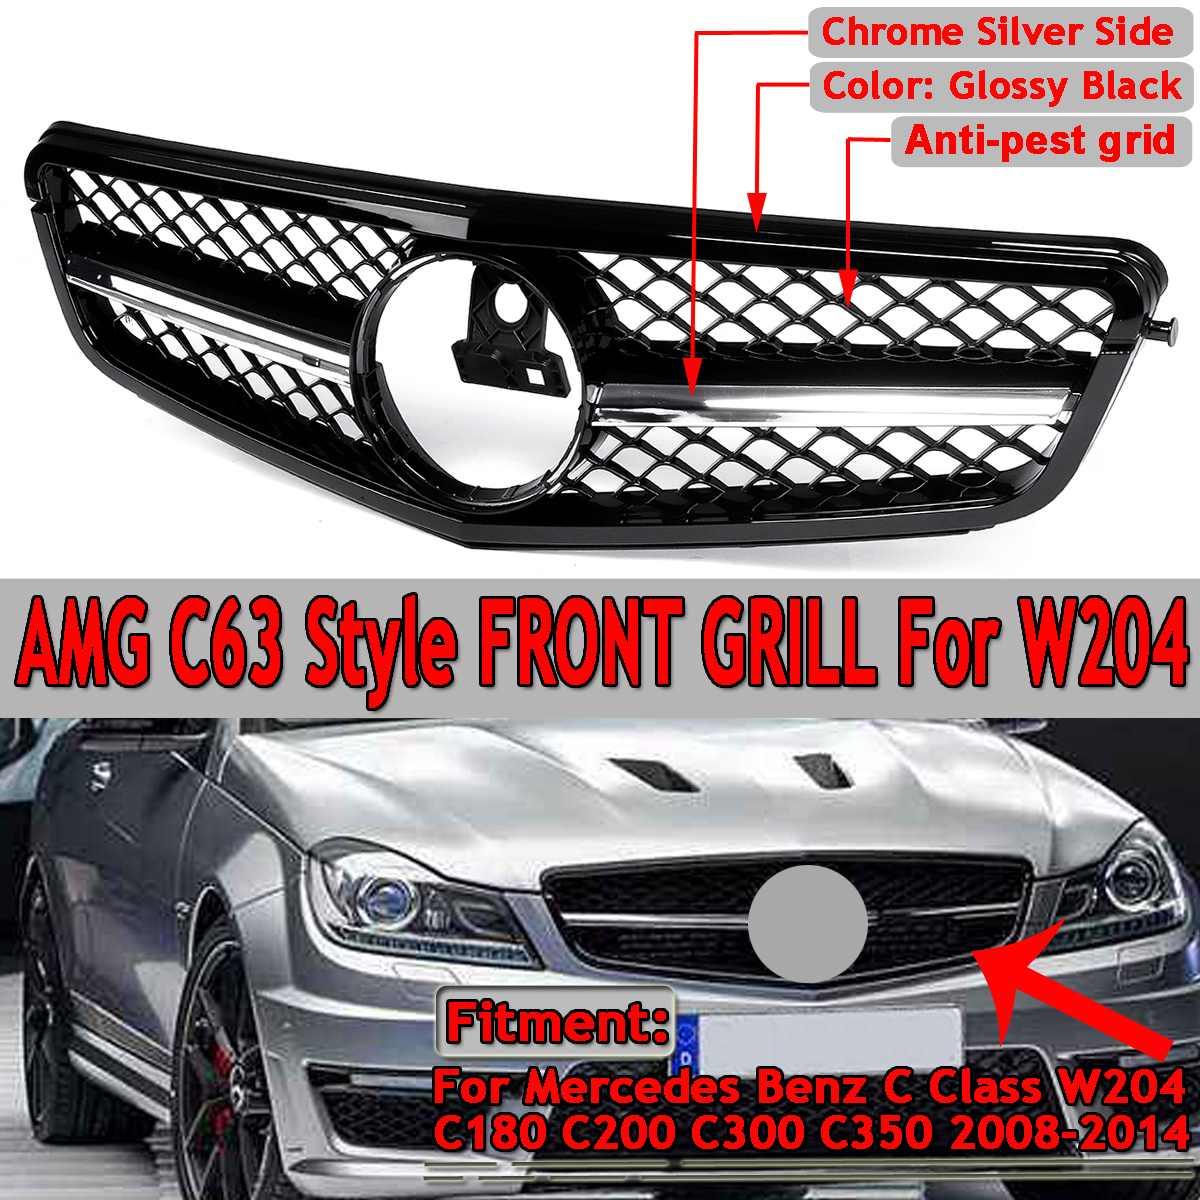 עבור AMG C63 סגנון חדש רכב קדמי עליון גריל גריל עבור מרצדס בנץ C Class W204 C180 C200 C300 c350 2008-14 ראסינג גריל